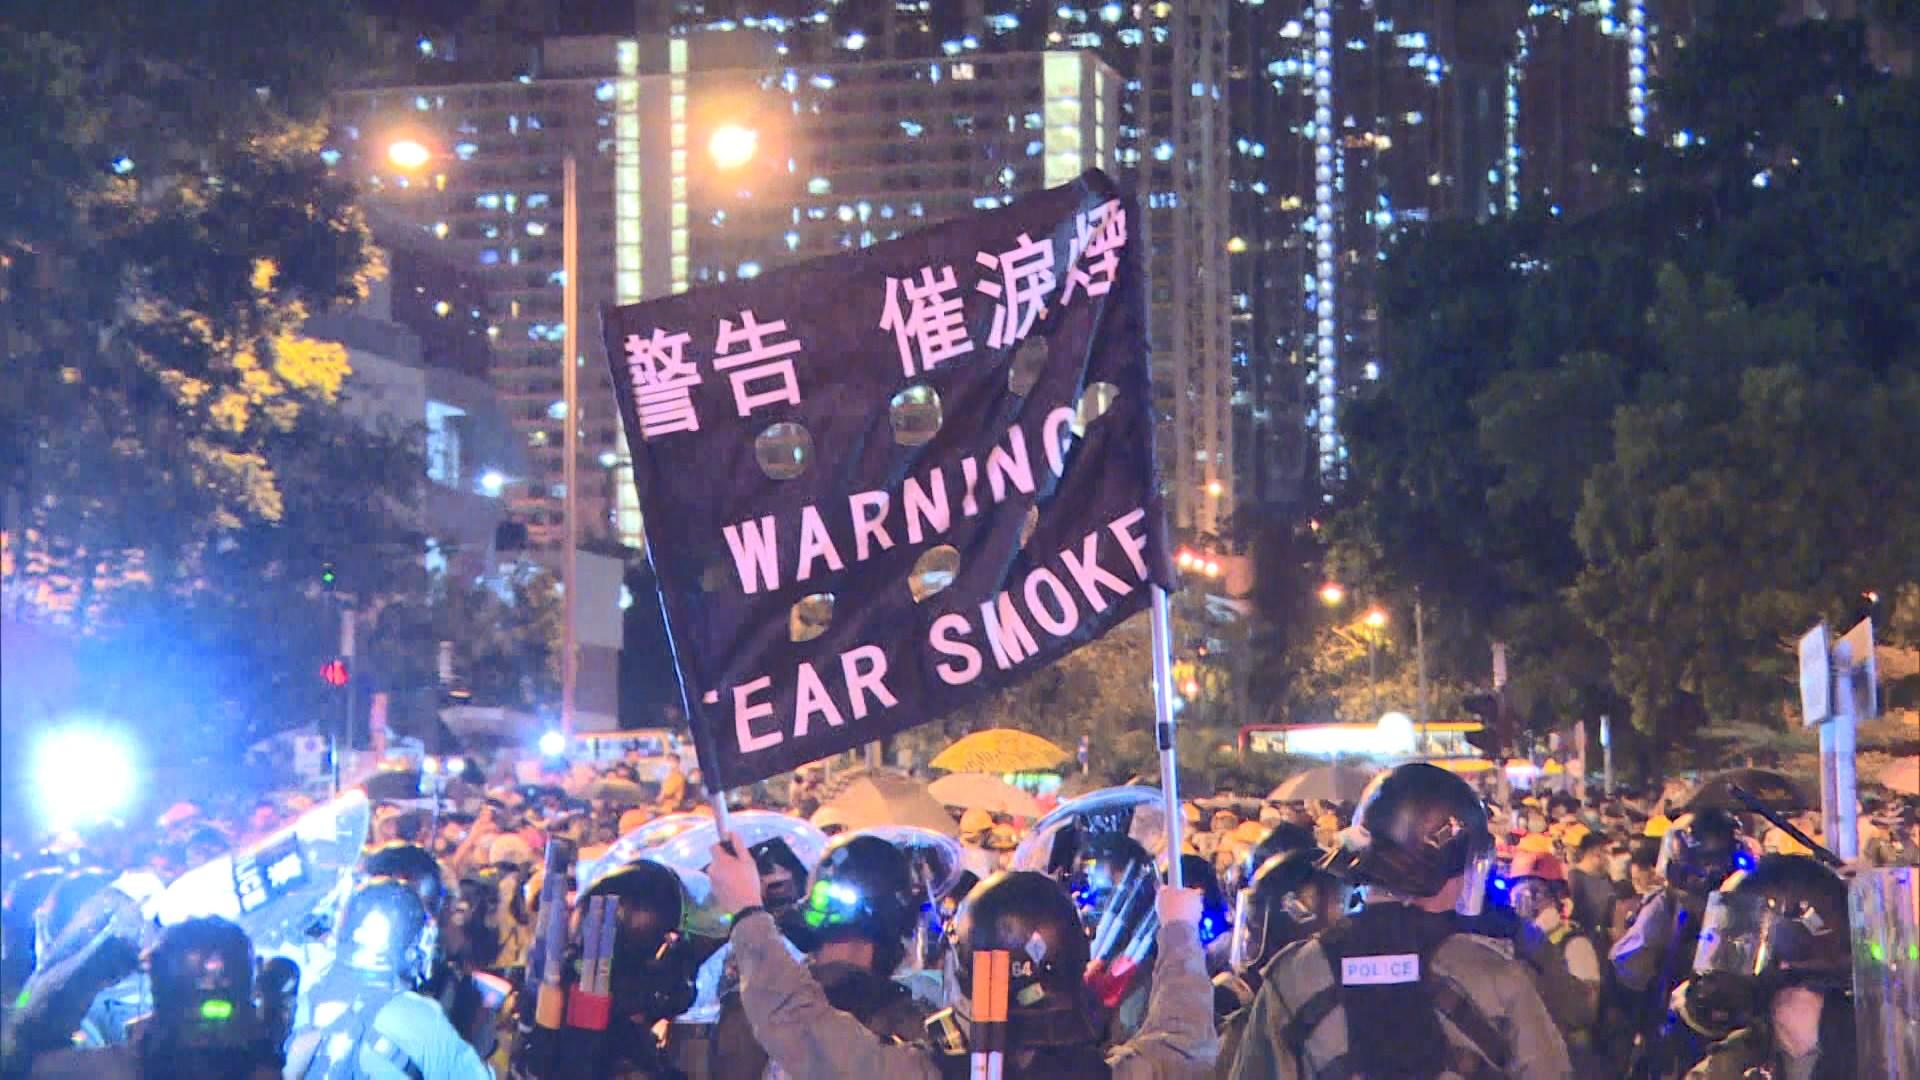 黃大仙警民衝突 警方多次舉黑旗及施放催淚彈